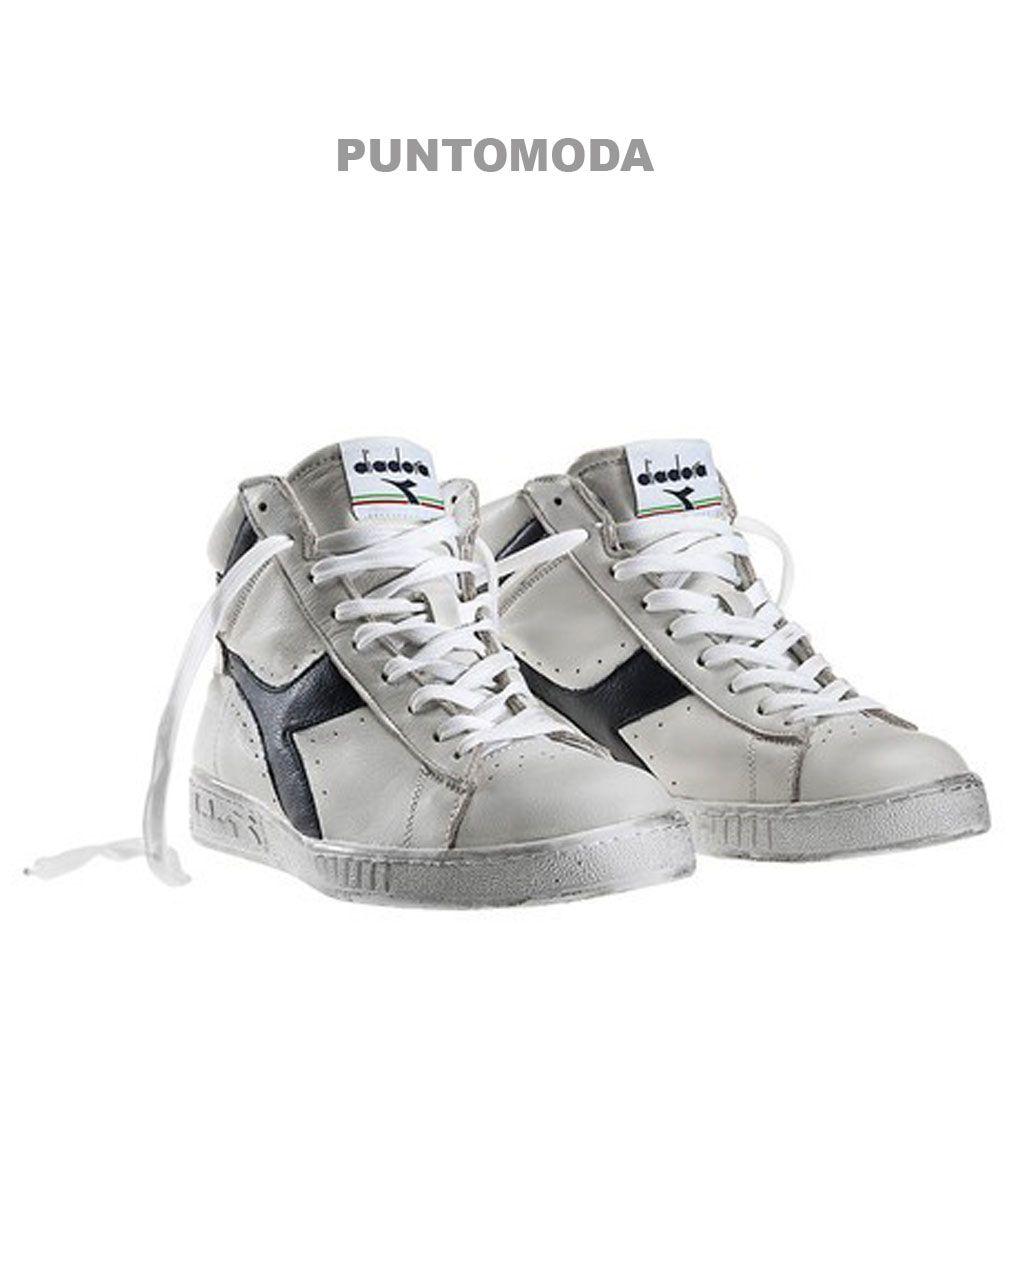 #DiadoraGame #Puntomoda